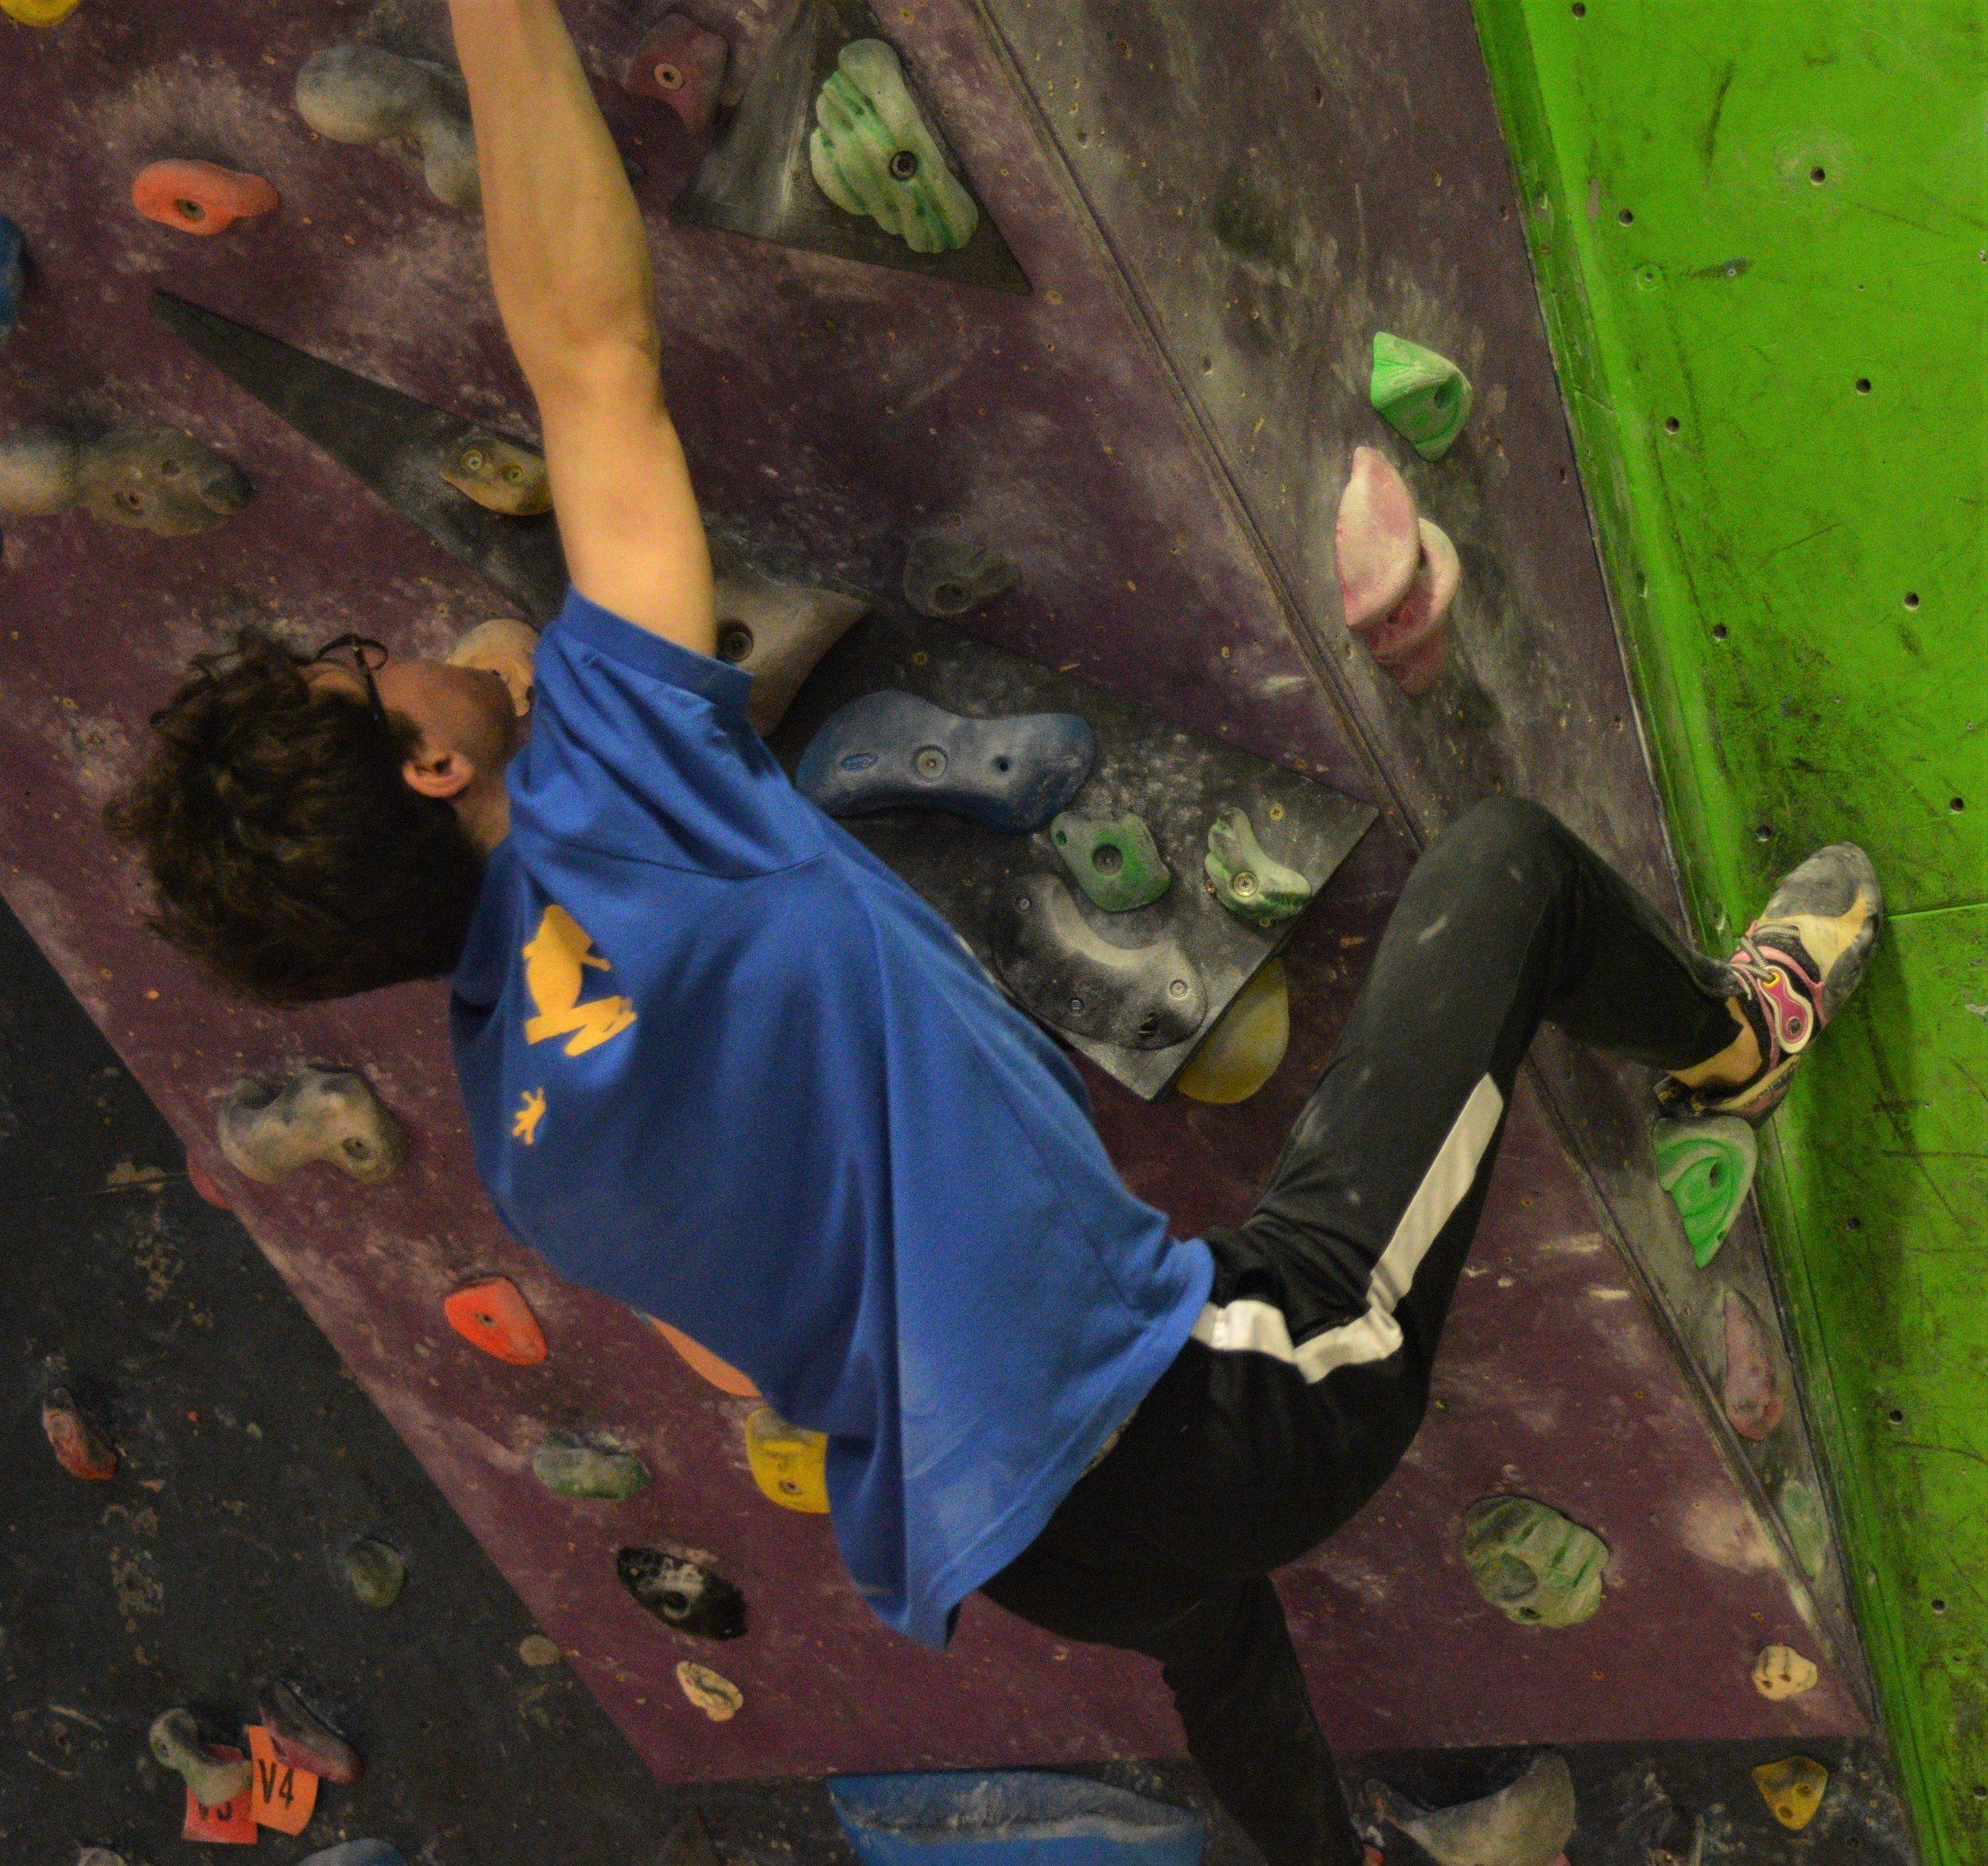 Isaac demonstrating a heel hook. Image credit: G. Bull